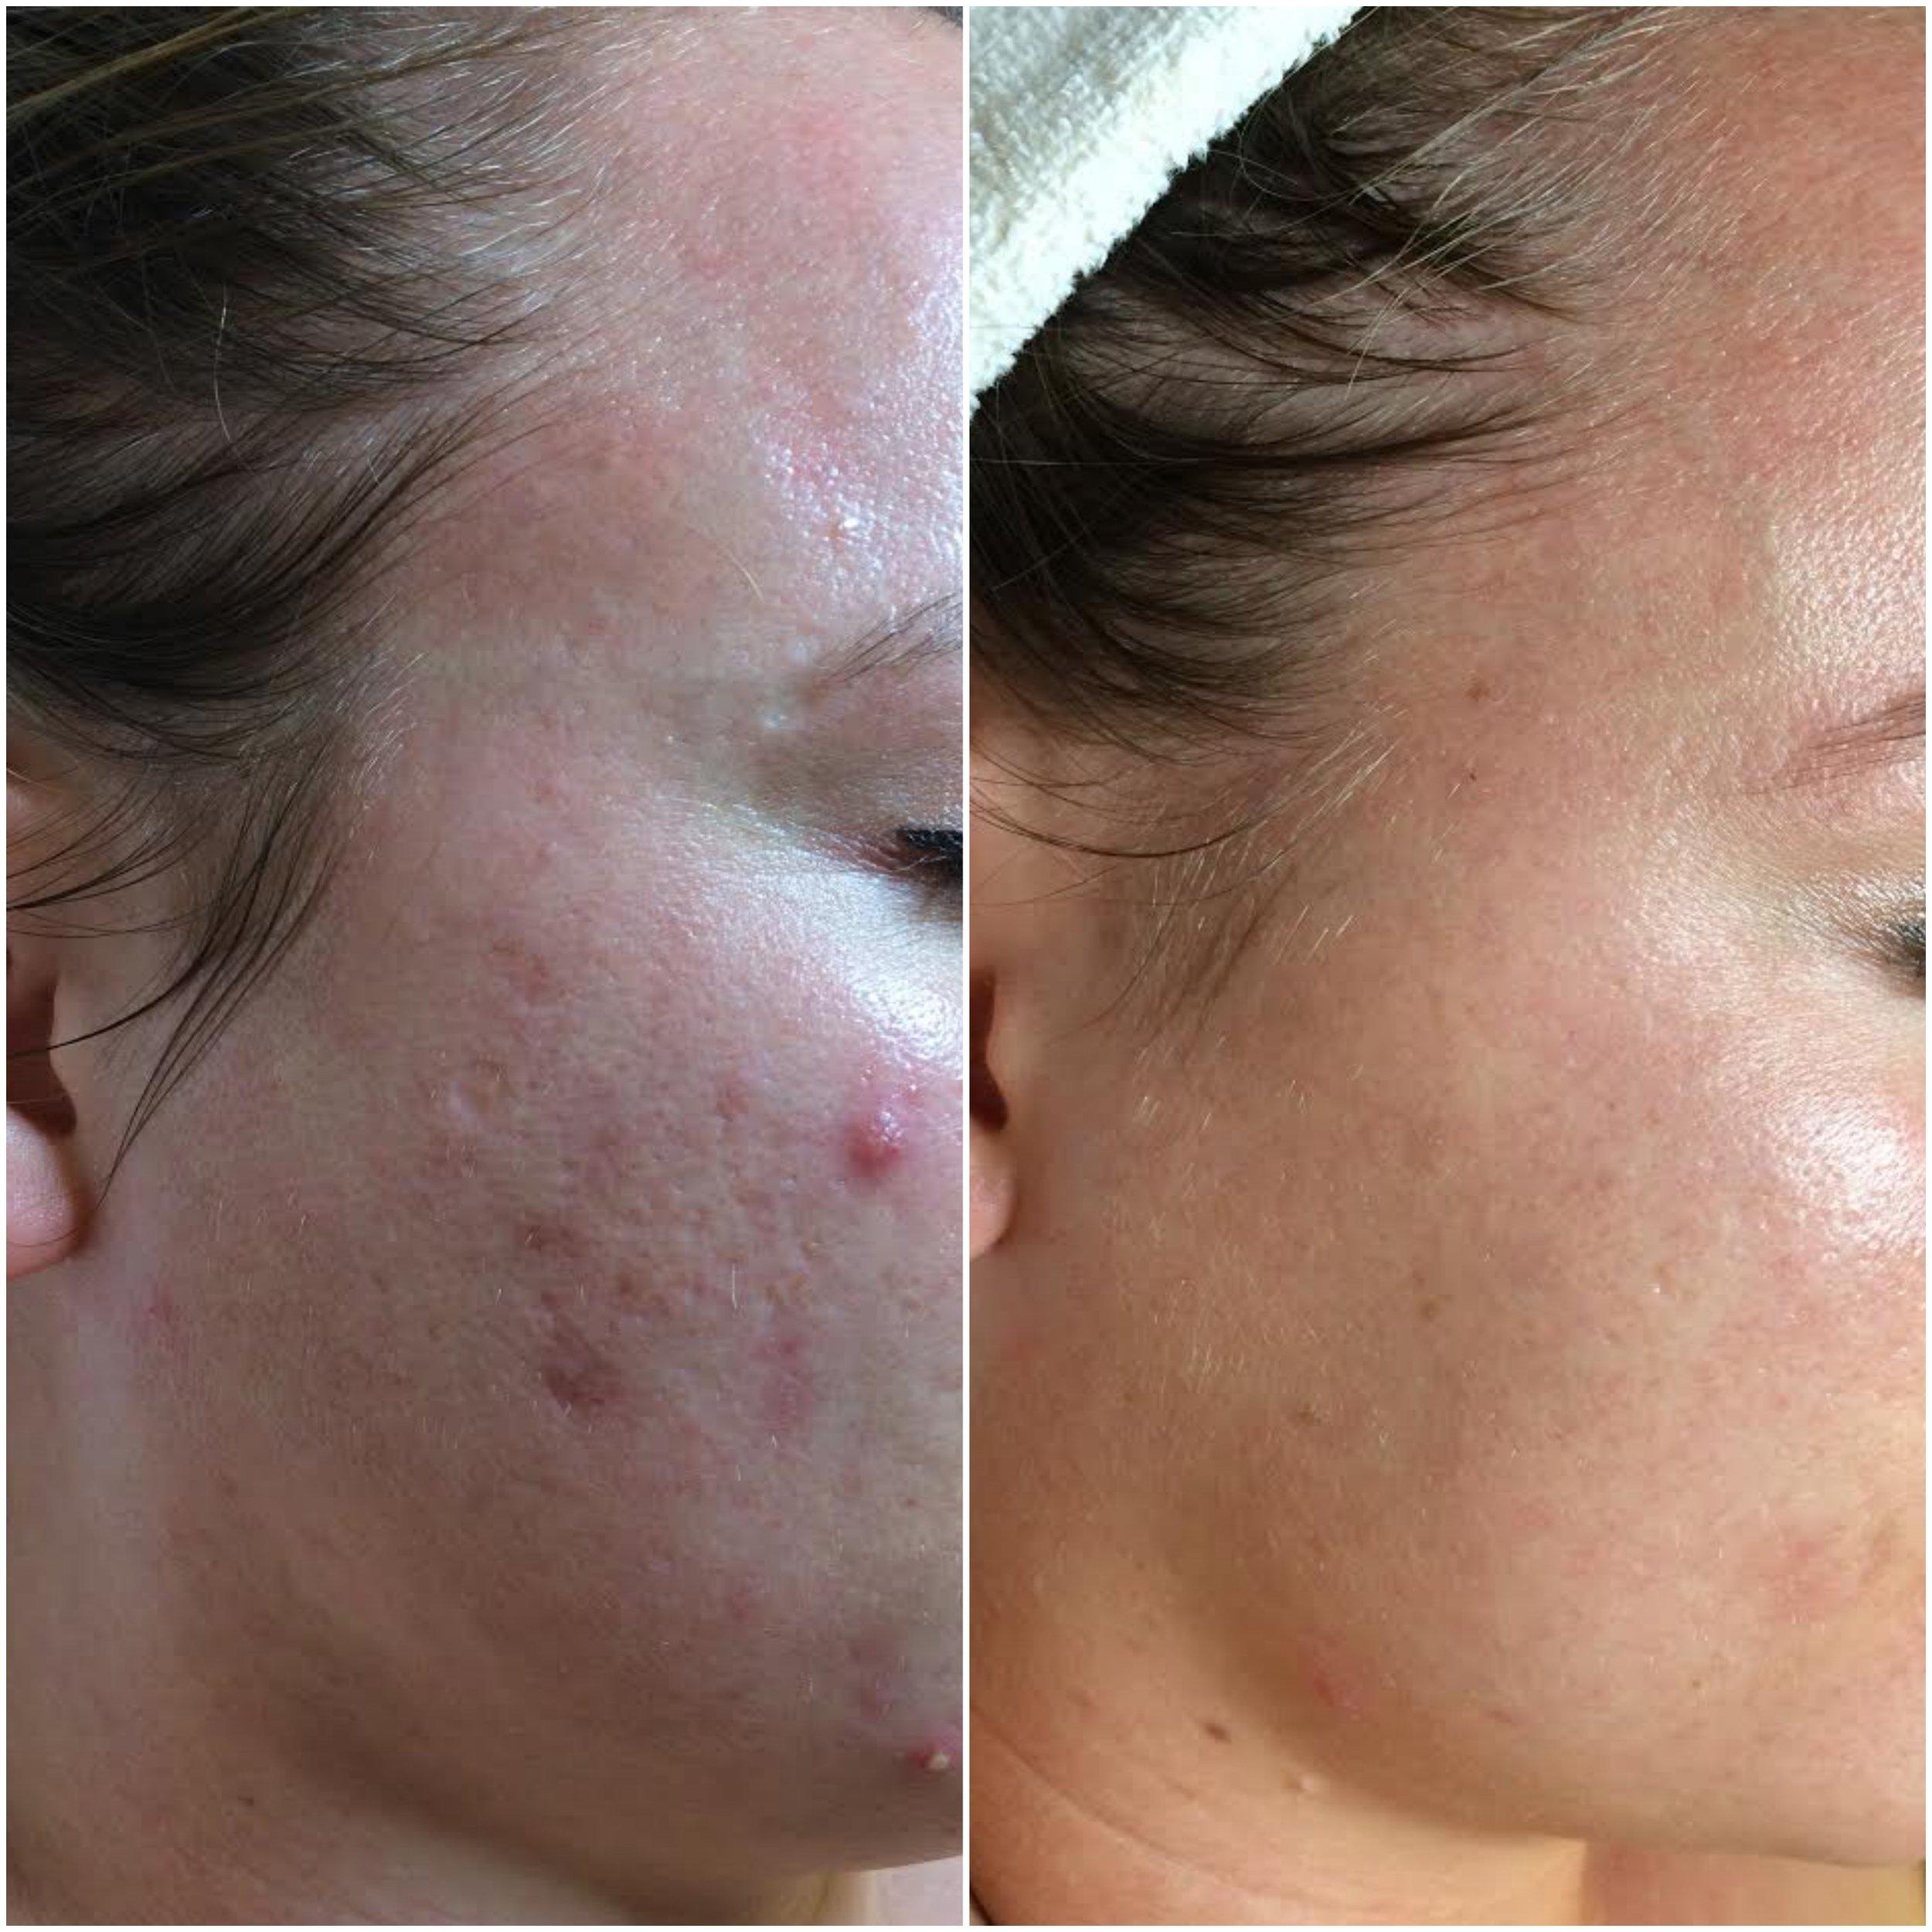 Cystic acne cleared, using NŪR hi-tech facial series